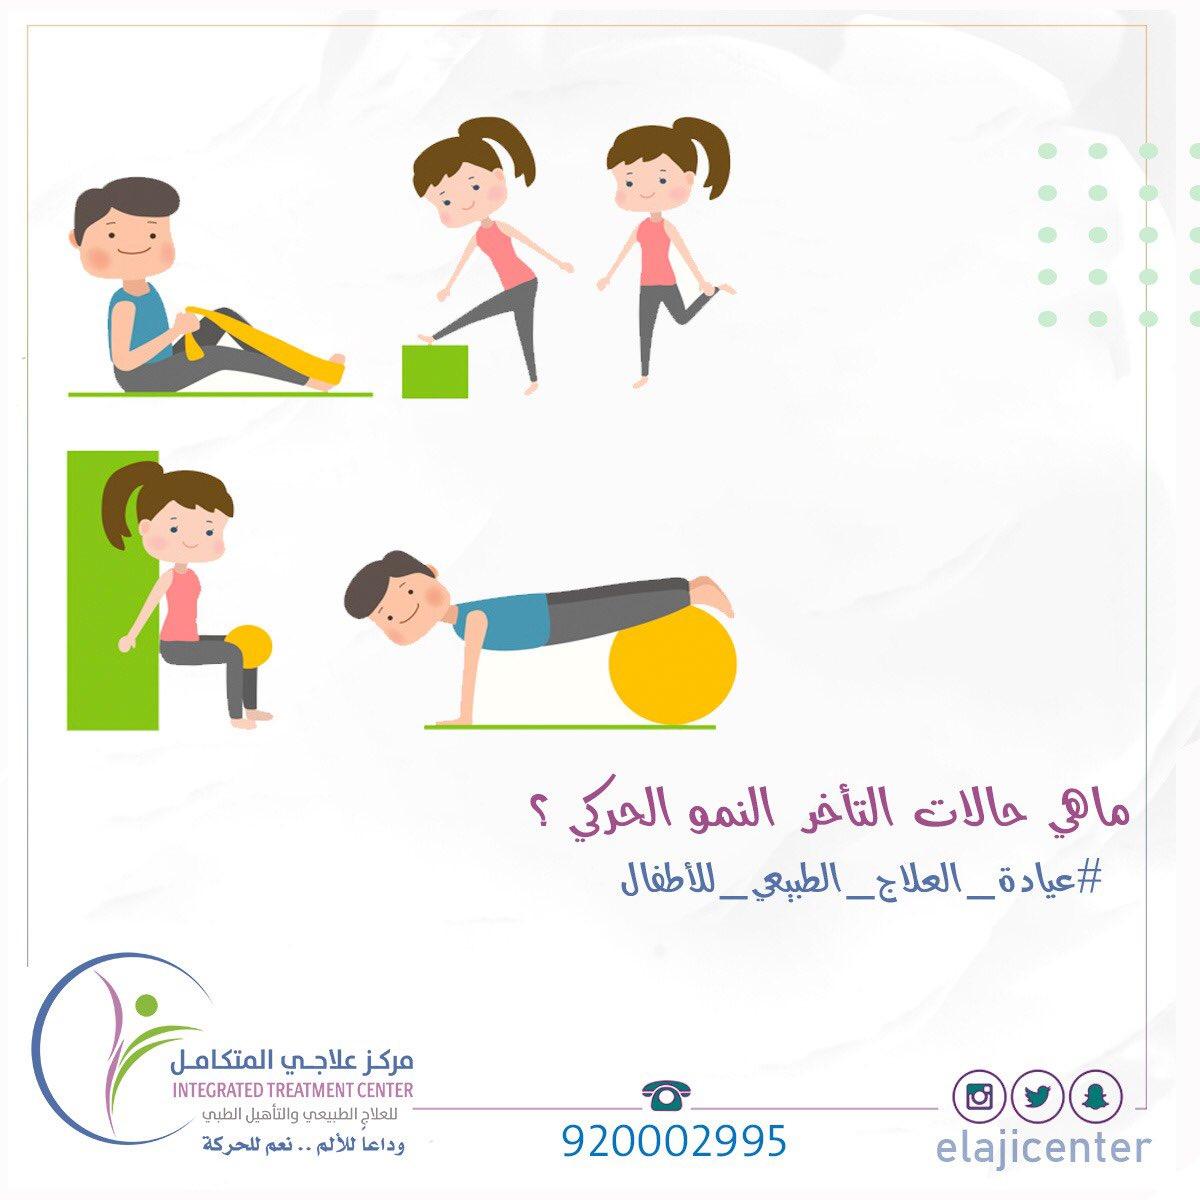 بشرى العجمي Bushra Alajmi Twitter